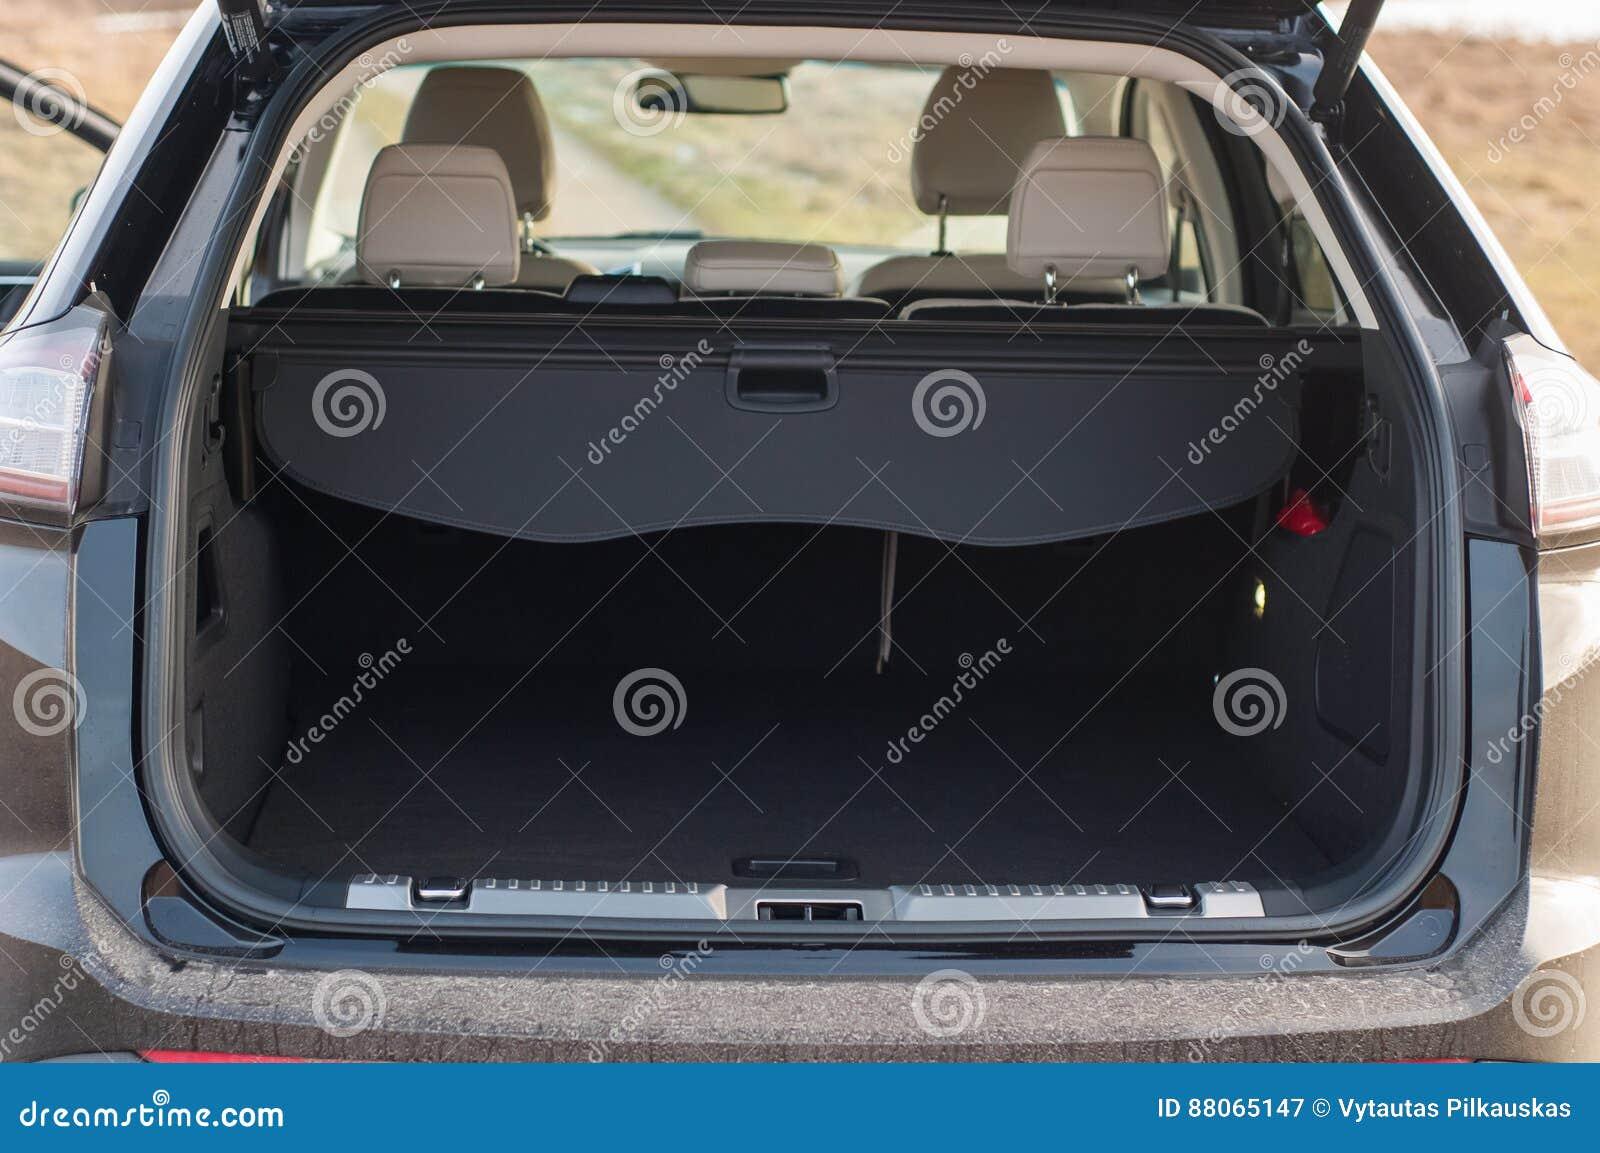 Tronco de coche vacío